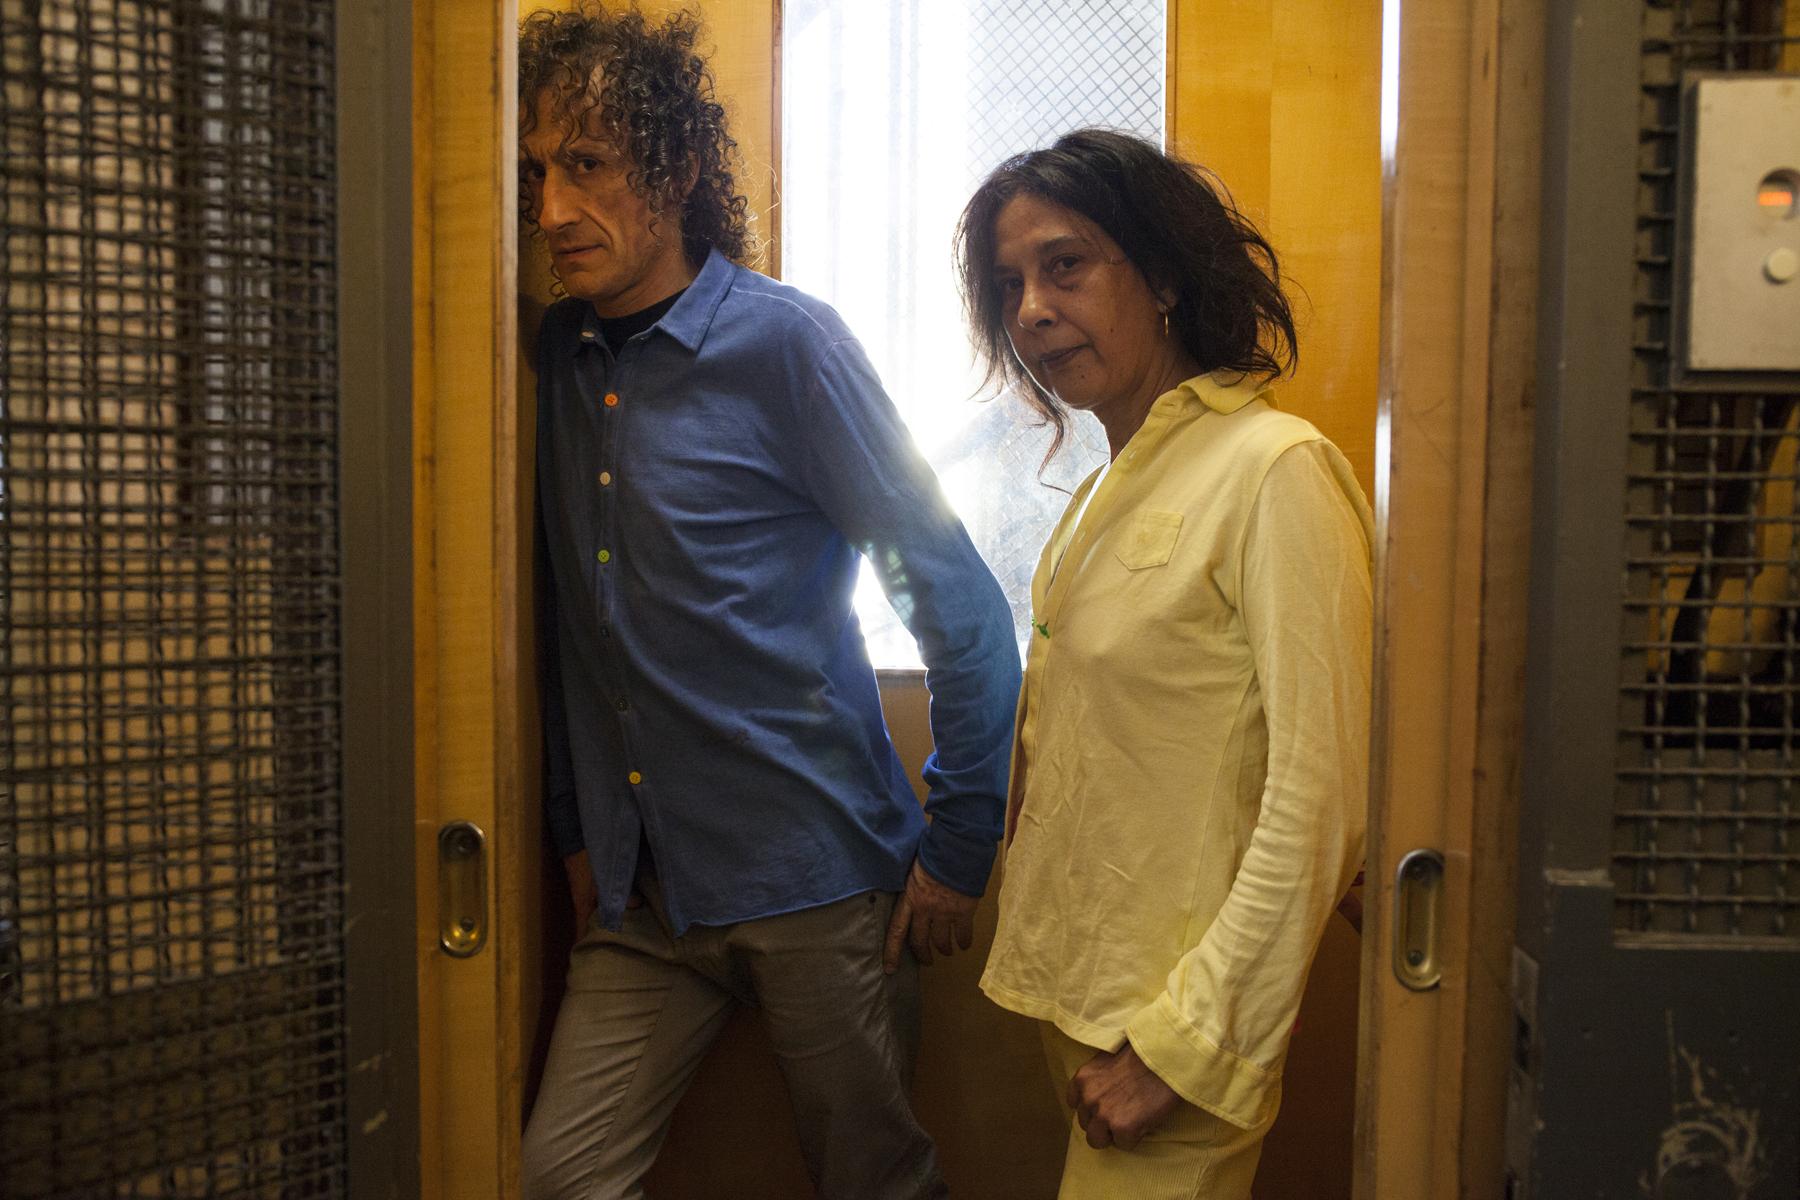 Antonio Rezza e Flavia Mastrella.